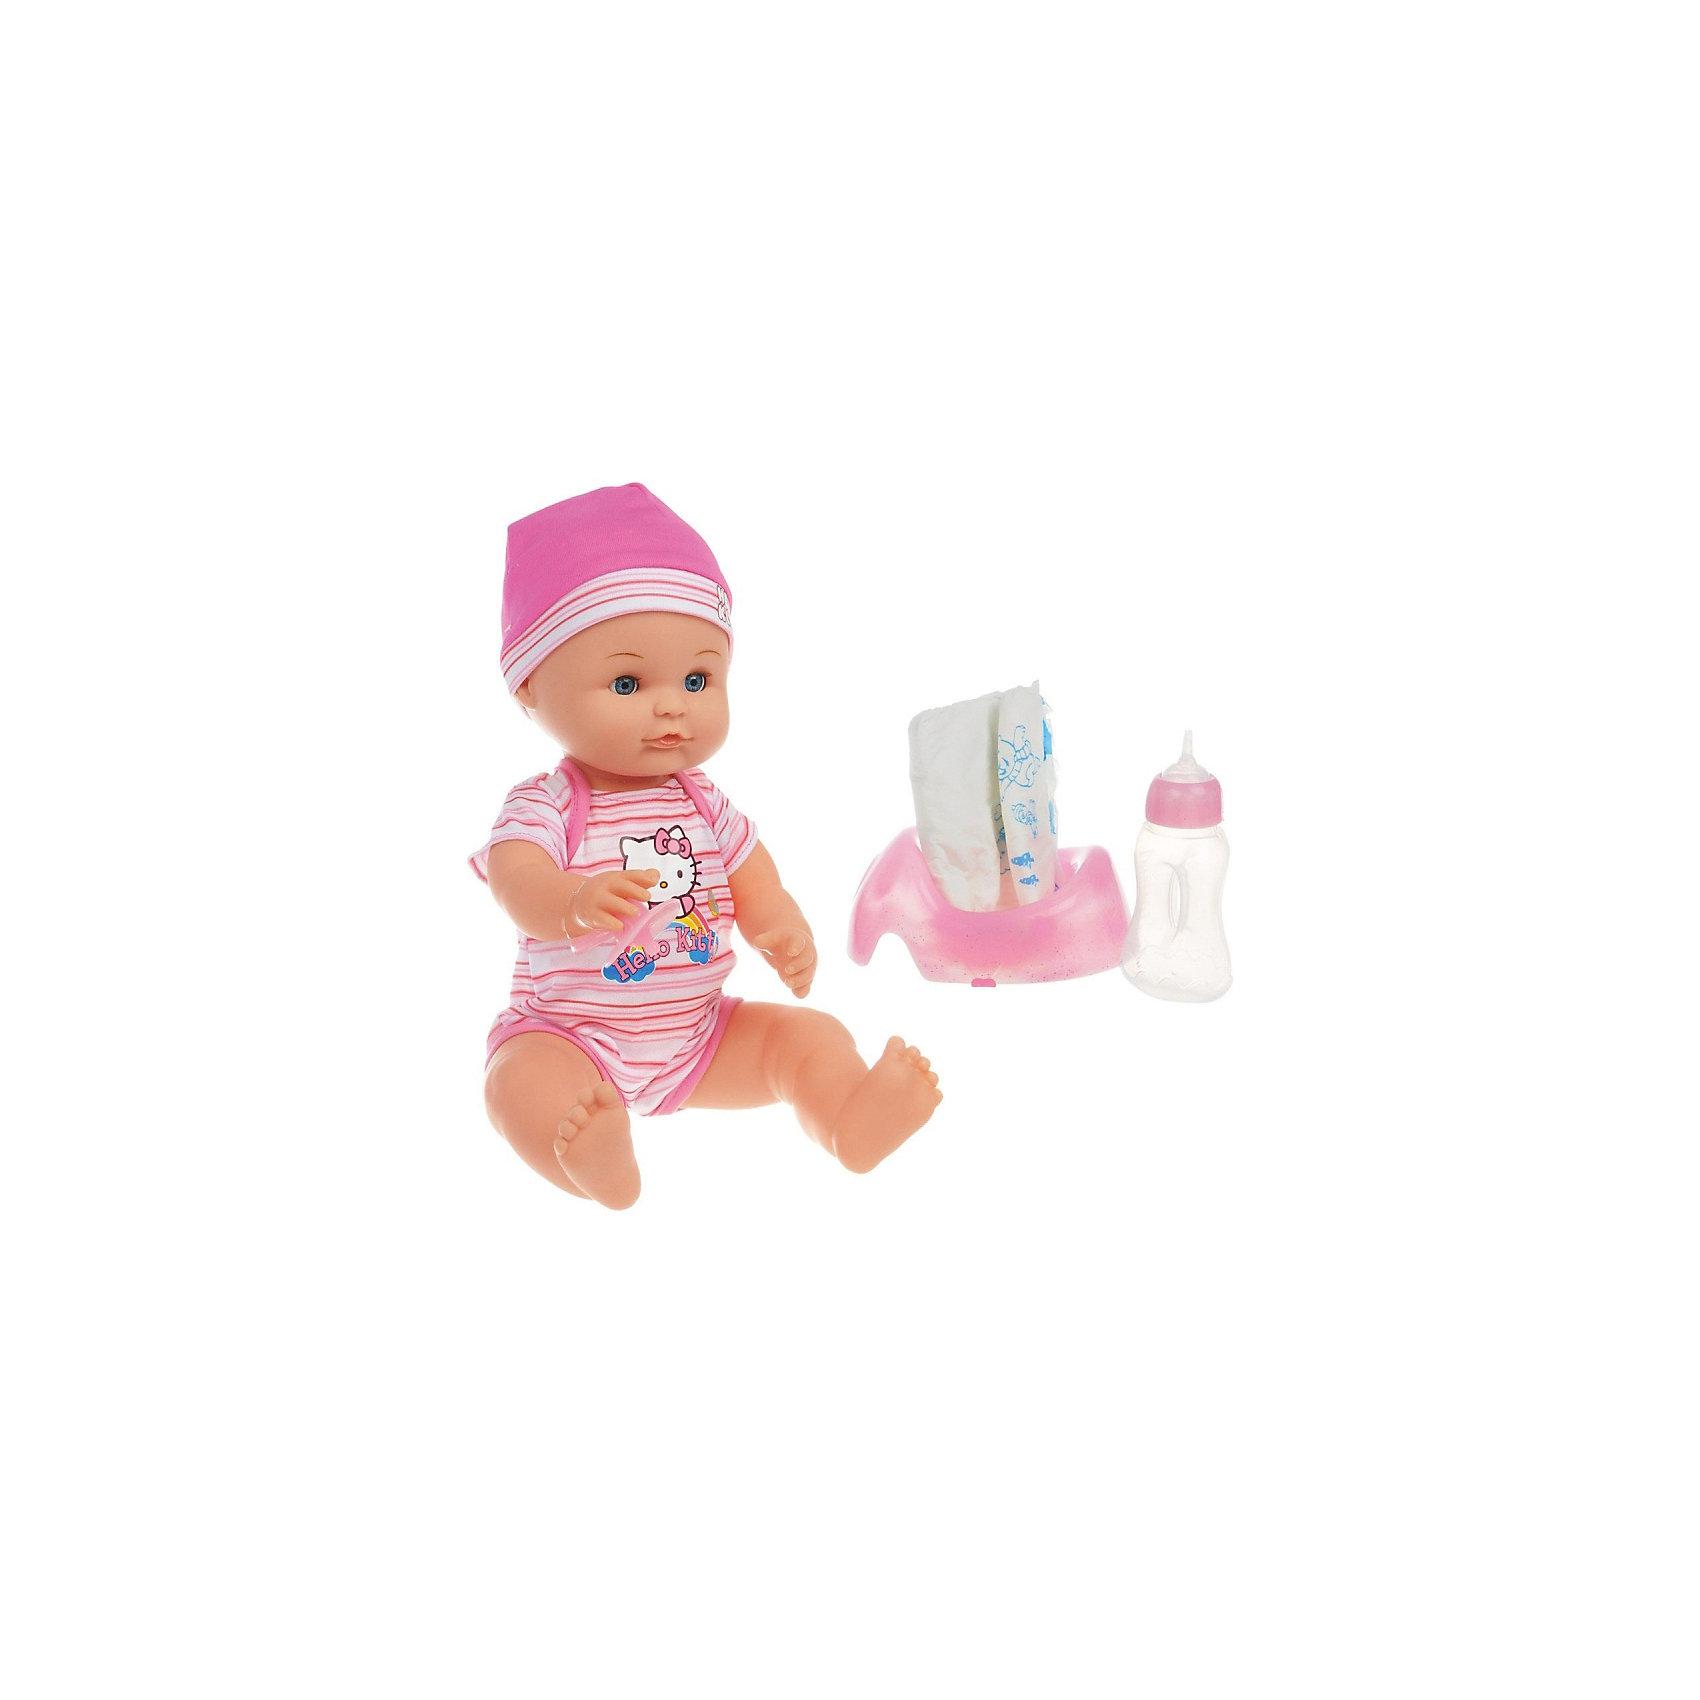 Пупс Hello Kitty, 3 функции, с аксессуарами, КарапузКуклы-пупсы<br>Пупс Hello Kitty, 3 функции, Карапуз, станет замечательным подарком для Вашей девочки. Интерактивная куколка обладает различными игровыми возможностями, выглядит и ведет себя как настоящий живой малыш. Игра в дочки-матери с этим забавным пупсом станет еще интереснее и реалистичнее, игрушка учит девочку заботиться и ухаживать о тех, кто младше. Милый малыш пьет из бутылочки и писает в горшочек (входит в комплект). Кукла-мальчик одета в симпатичный голубой комбинезон, украшенный изображением кошечки Китти и голубую шапочку. В комплект также входят бутылочка, горшок, и соска-пустышка.<br><br>Дополнительная информация:<br><br>- В комплекте: кукла-пупс, бутылочка, игрушечный горшок, соска.<br>- Материал: пластик.<br>- Высота куклы: 40 см.<br>- Размер упаковки: 25 x 39 x 16 см.<br>- Вес: 1,23 кг.<br><br>Пупса Hello Kitty, 3 функции, с аксессуарами, Карапуз, можно купить в нашем интернет-магазине.<br><br>Ширина мм: 250<br>Глубина мм: 390<br>Высота мм: 160<br>Вес г: 1230<br>Возраст от месяцев: 36<br>Возраст до месяцев: 84<br>Пол: Женский<br>Возраст: Детский<br>SKU: 4546565